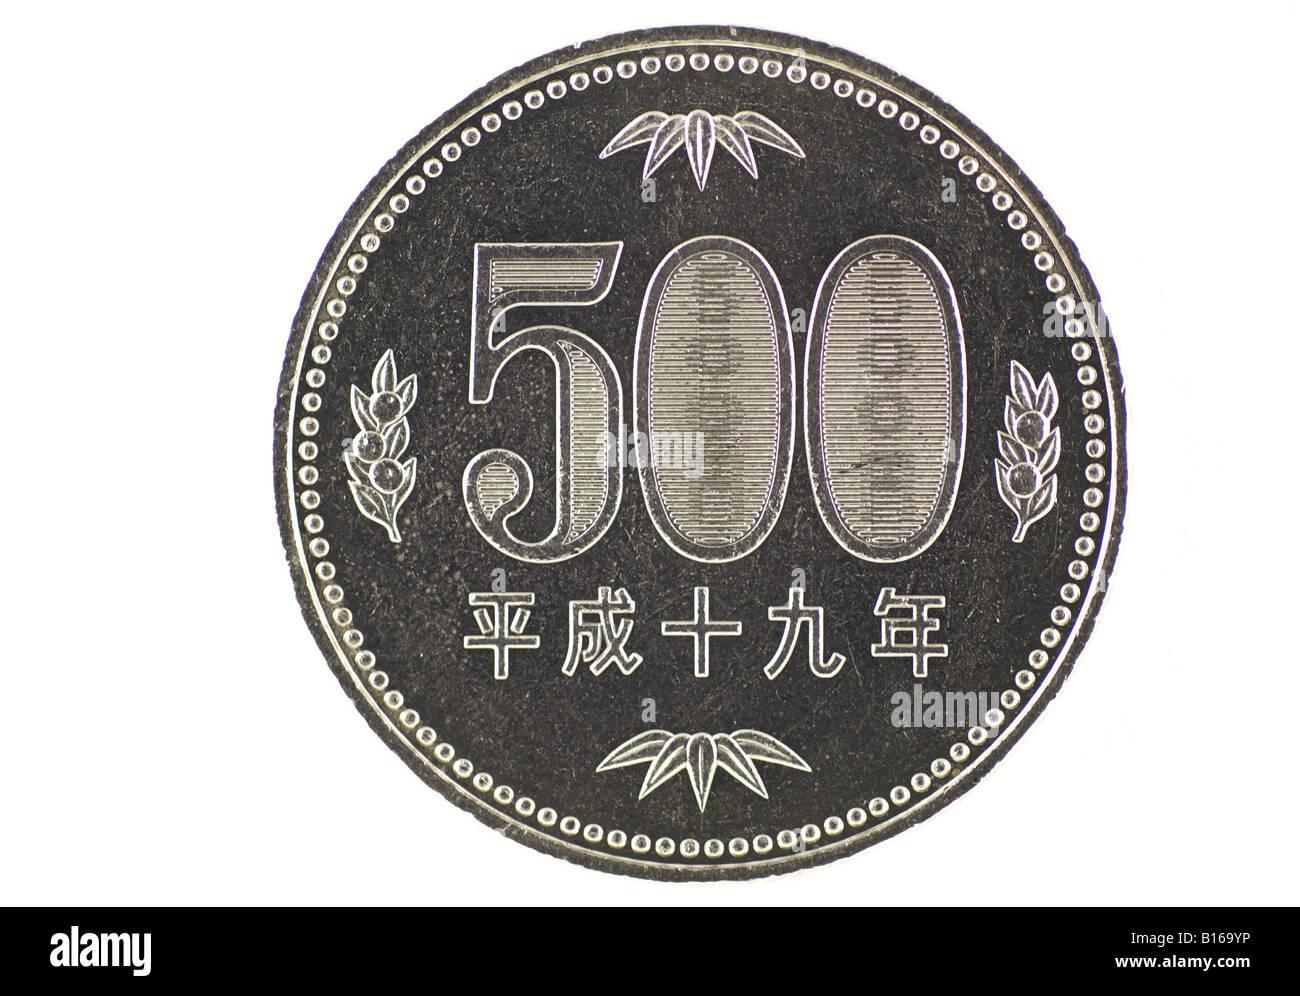 9c8a718601 Moneta Yen Giapponese Immagini & Moneta Yen Giapponese Fotos Stock ...